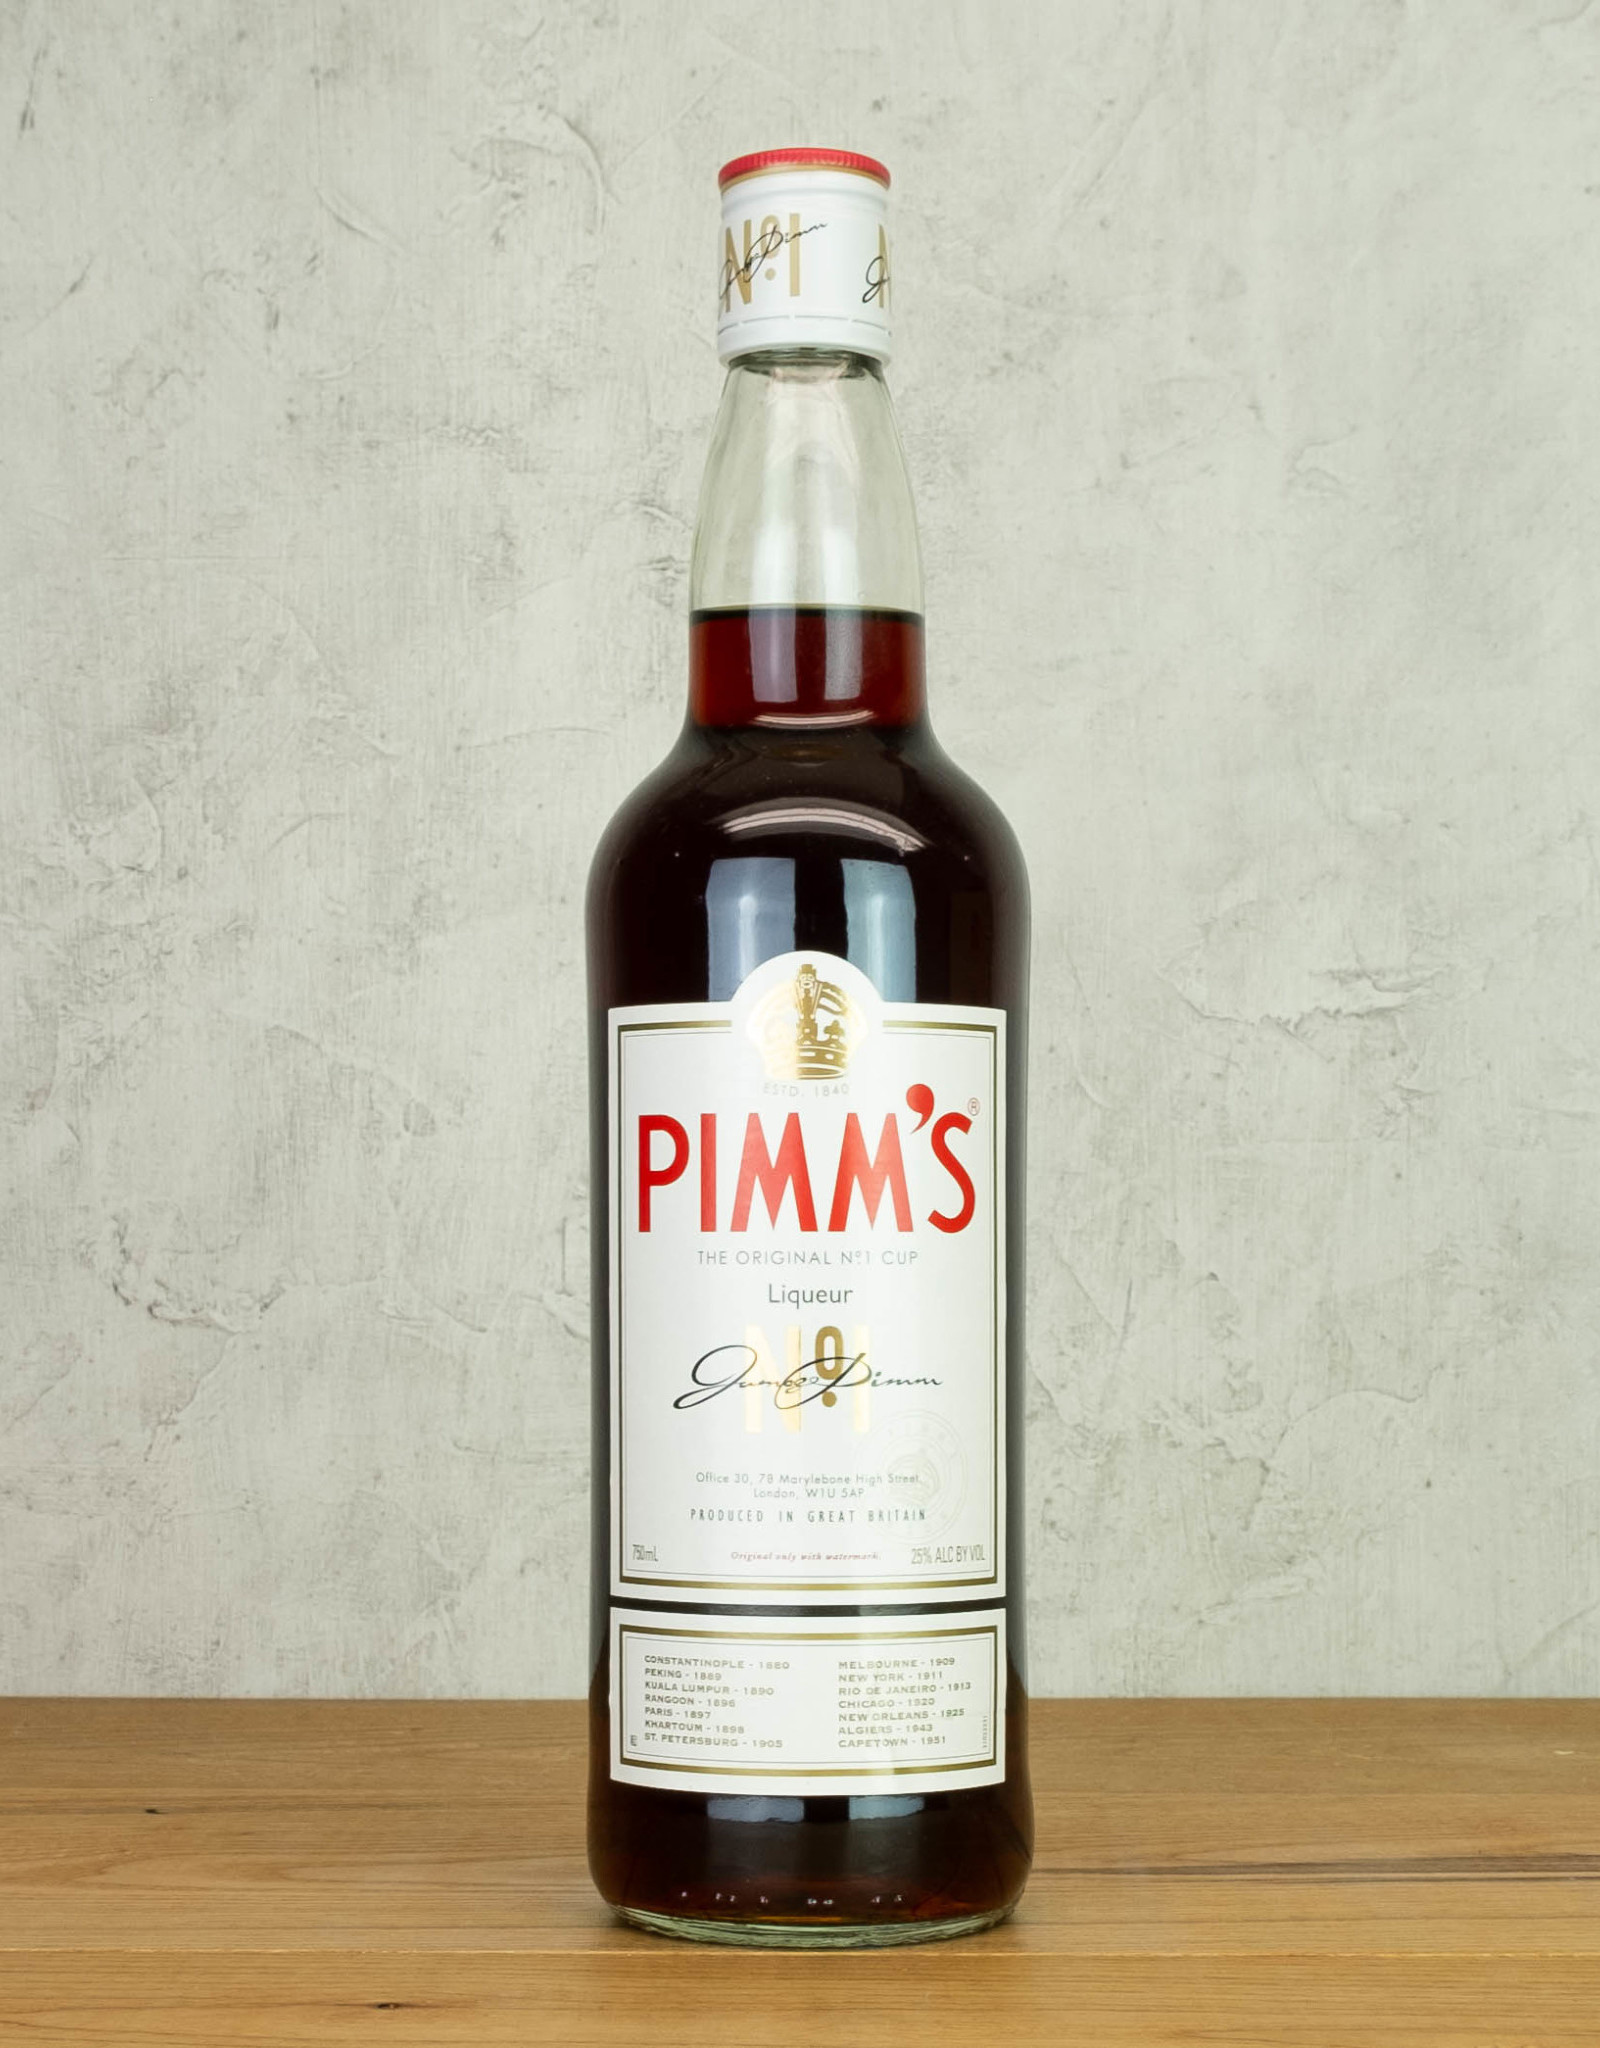 Pimms Liqueur